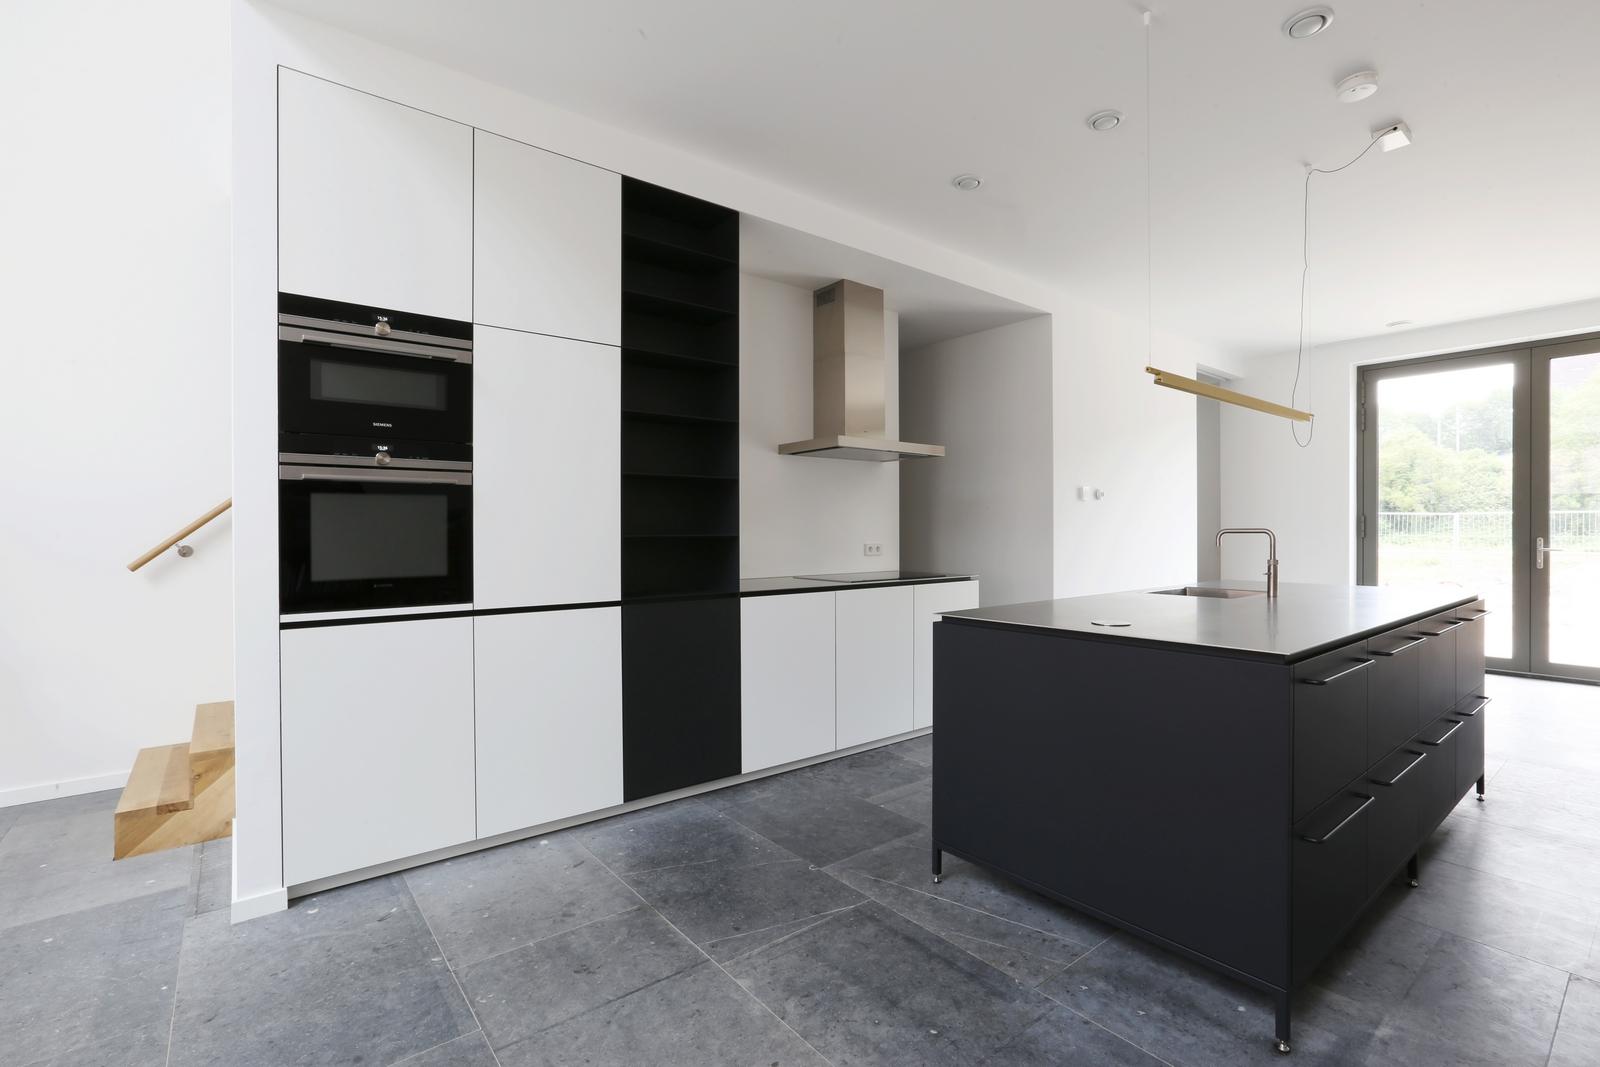 Keuken van staal en hout te Amsterdam. Met antraciet zwart gepoedercoat keukeneiland met RVS werkblad. Kastenwand van berken multiplex voorzien van HPL en stalen vakkenkast.